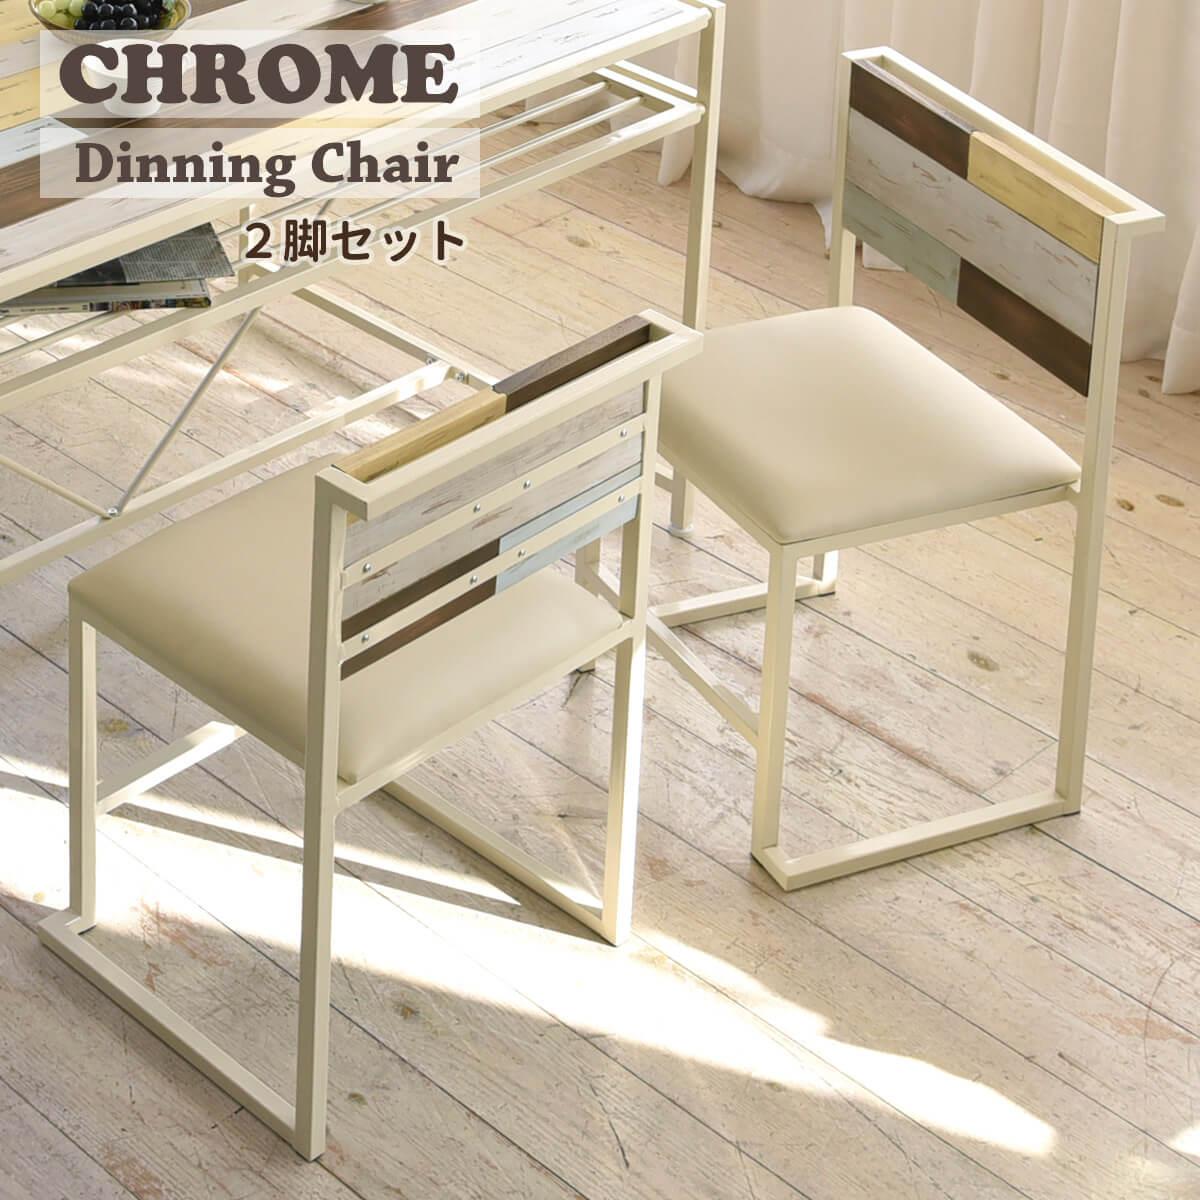 【送料無料】天然木 ダイニングチェア 2脚セット 2P 2台 椅子 イス チェアー スタッキング リビングチェア ダイニング スタッキング おしゃれ アンティーク ヴィンテージ 木製 スタイリッシュ ハンドメイド 西海岸 北欧 モダン ナチュラル CHROMEシリーズ CHDC-450-2P